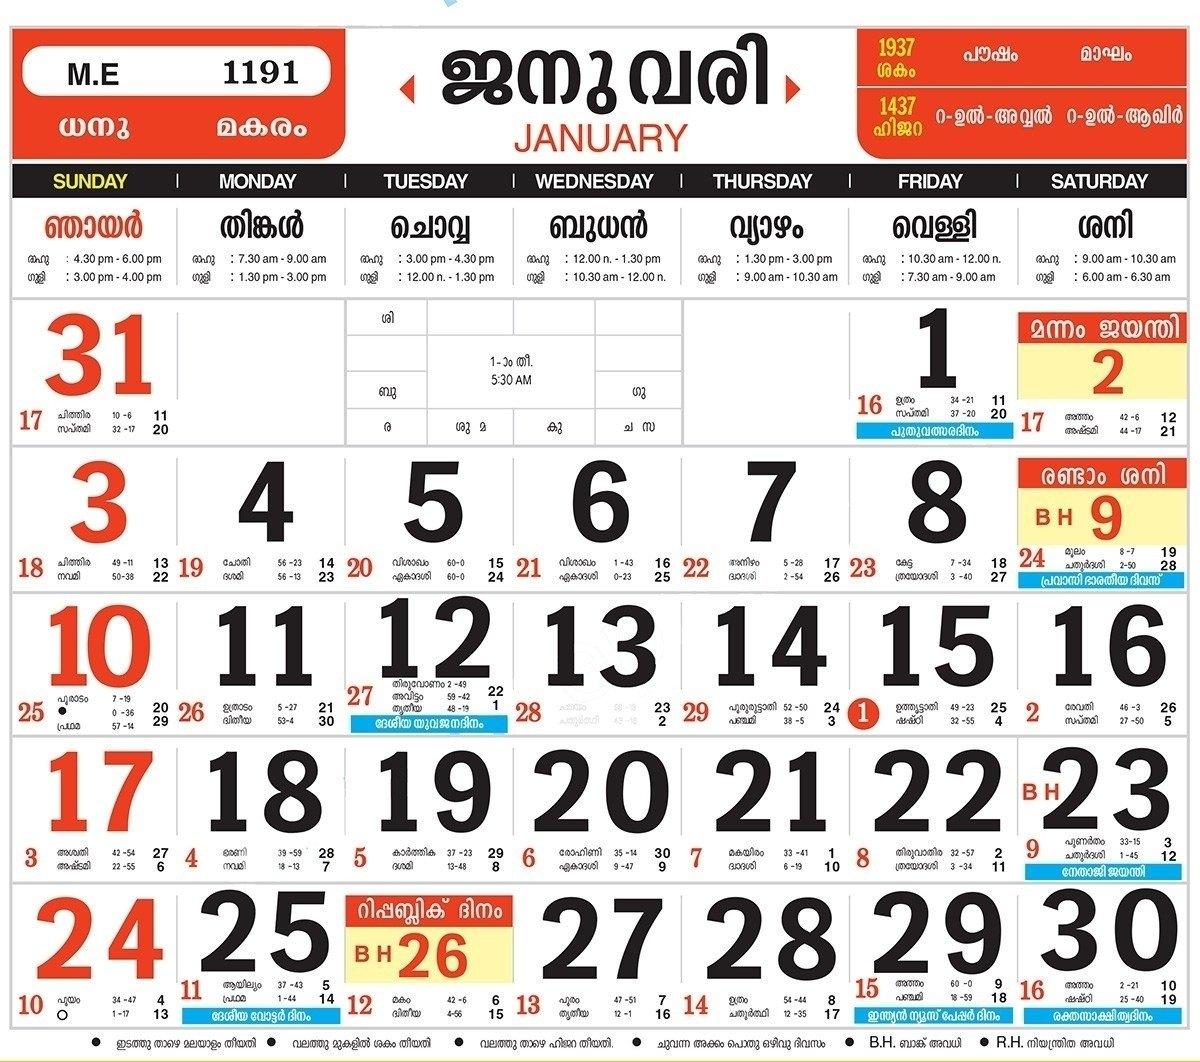 2018 Calendar Kerala Pdf | Jazz Gear Calendar 2019 Kerala